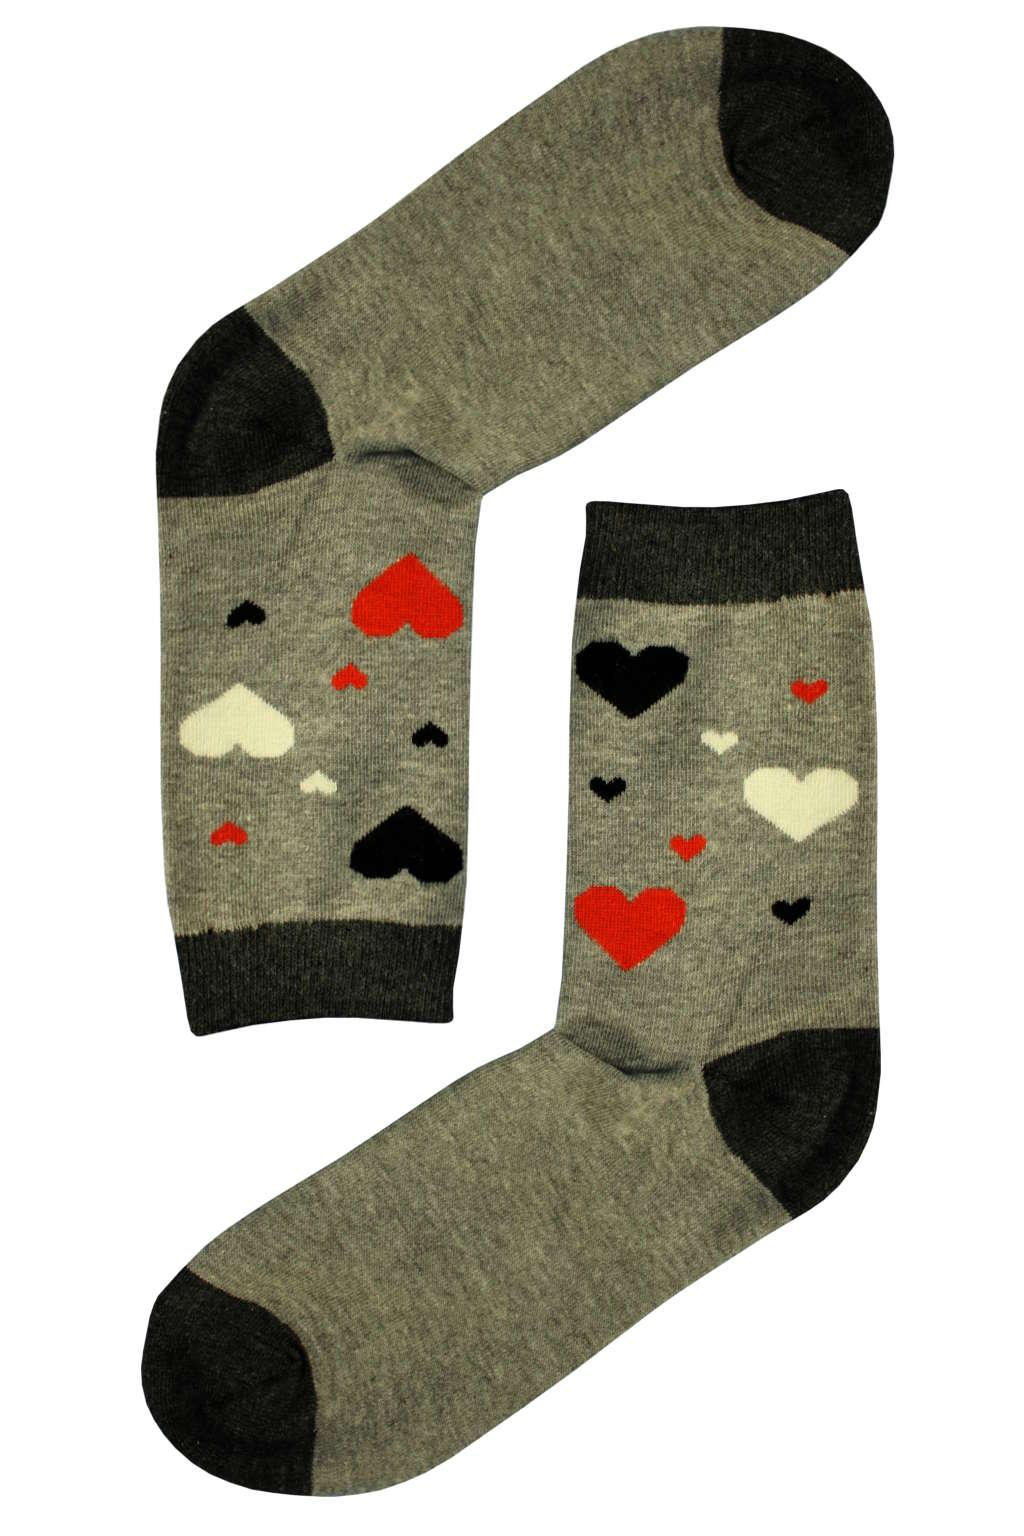 Veselé ponožky - barevná srdíčka 35-38 šedá 514a709458